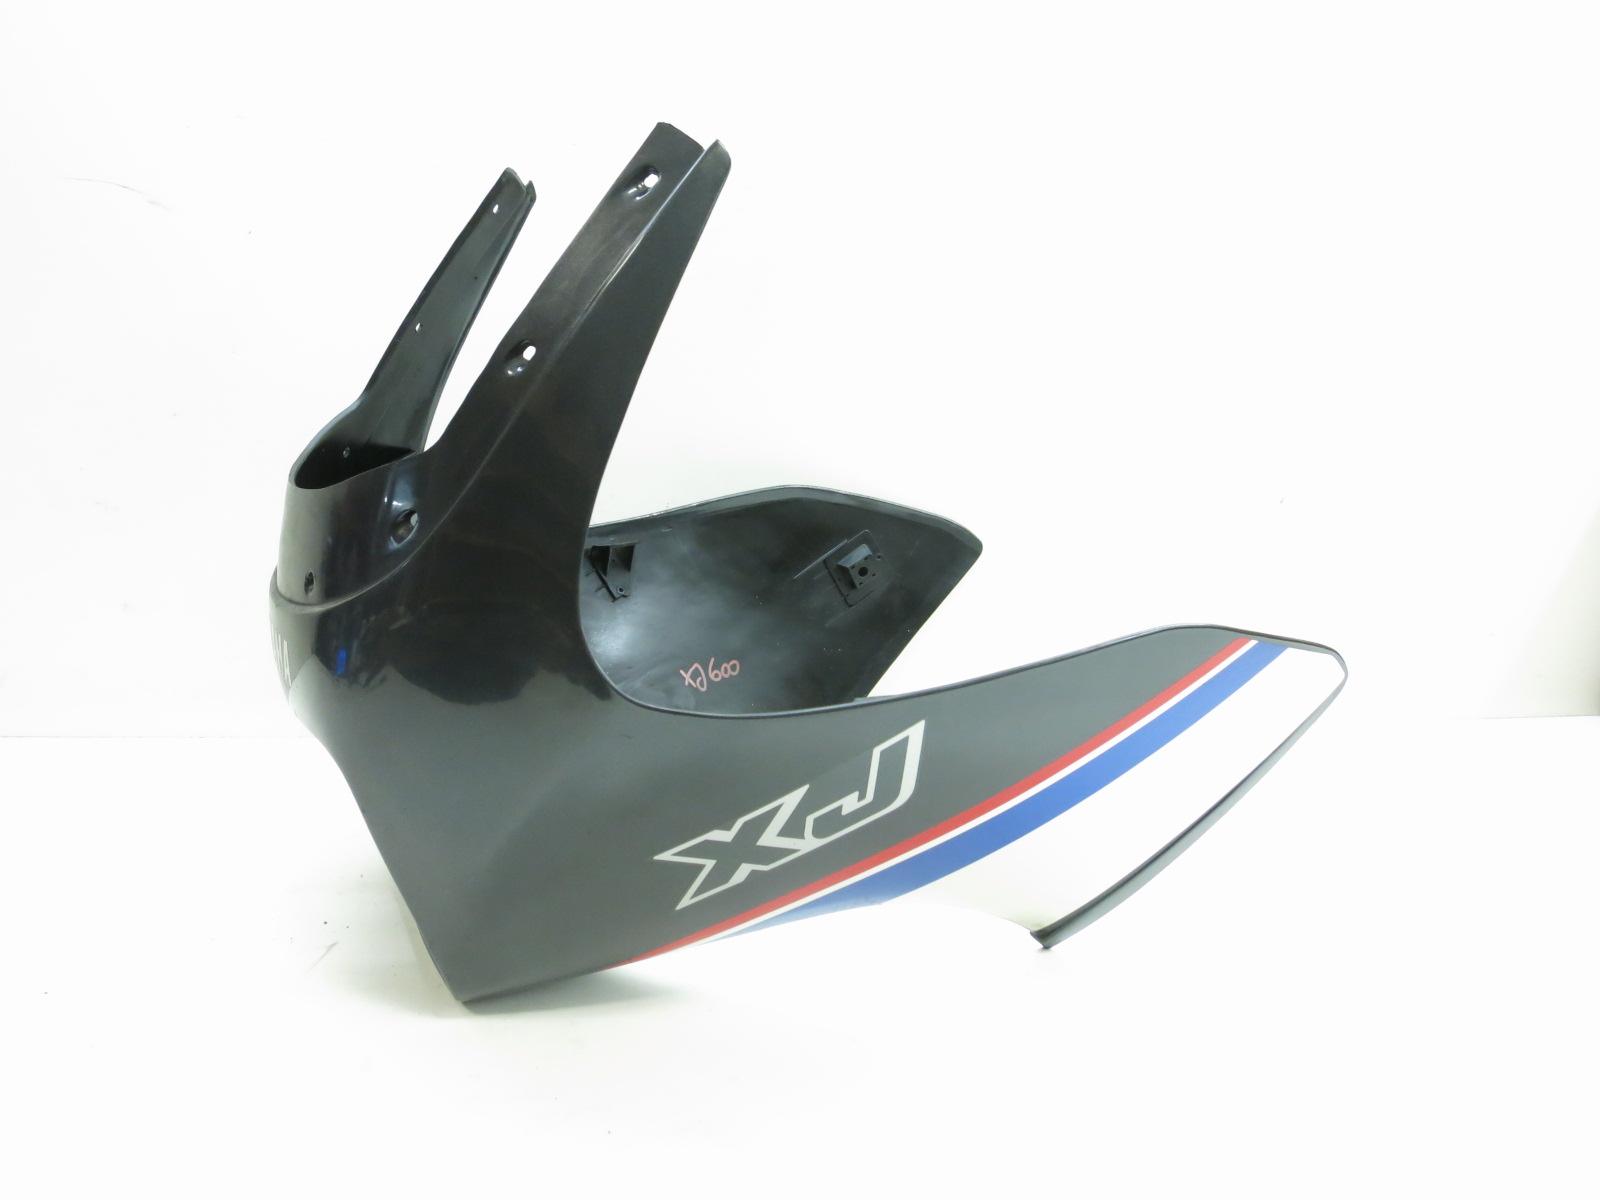 10 St Motorrad Windschild Verkleidungsschrauben M 6 x 30 für Yamaha XJ 900 S